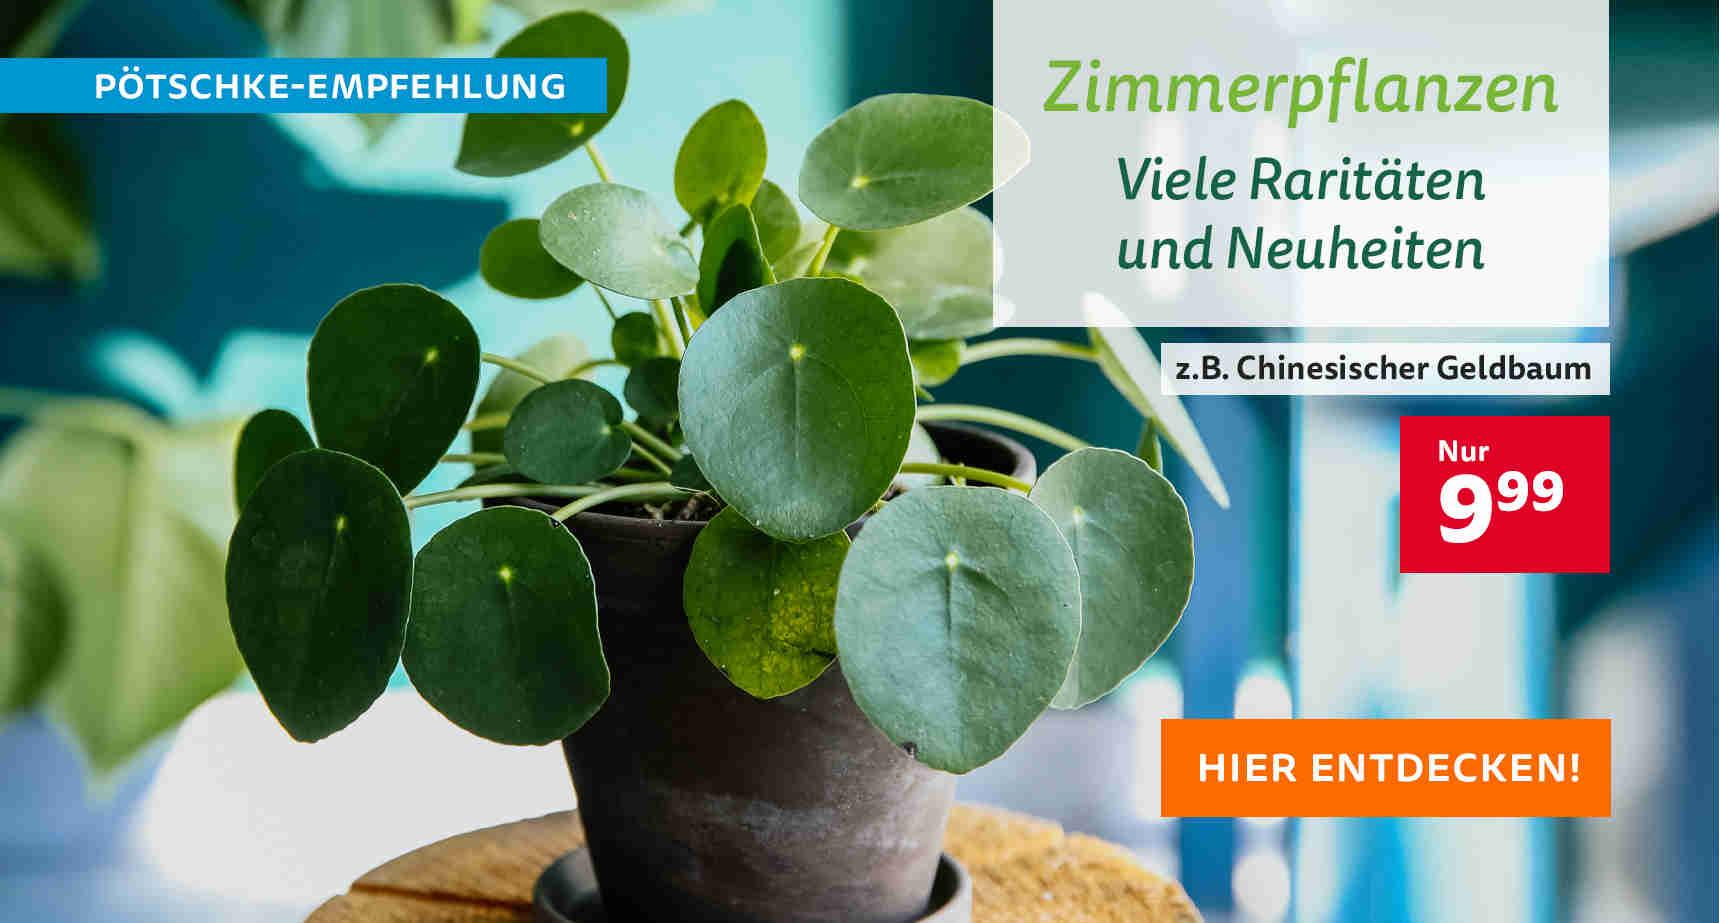 +++ (2) Zimmerpflanzen +++ - 3